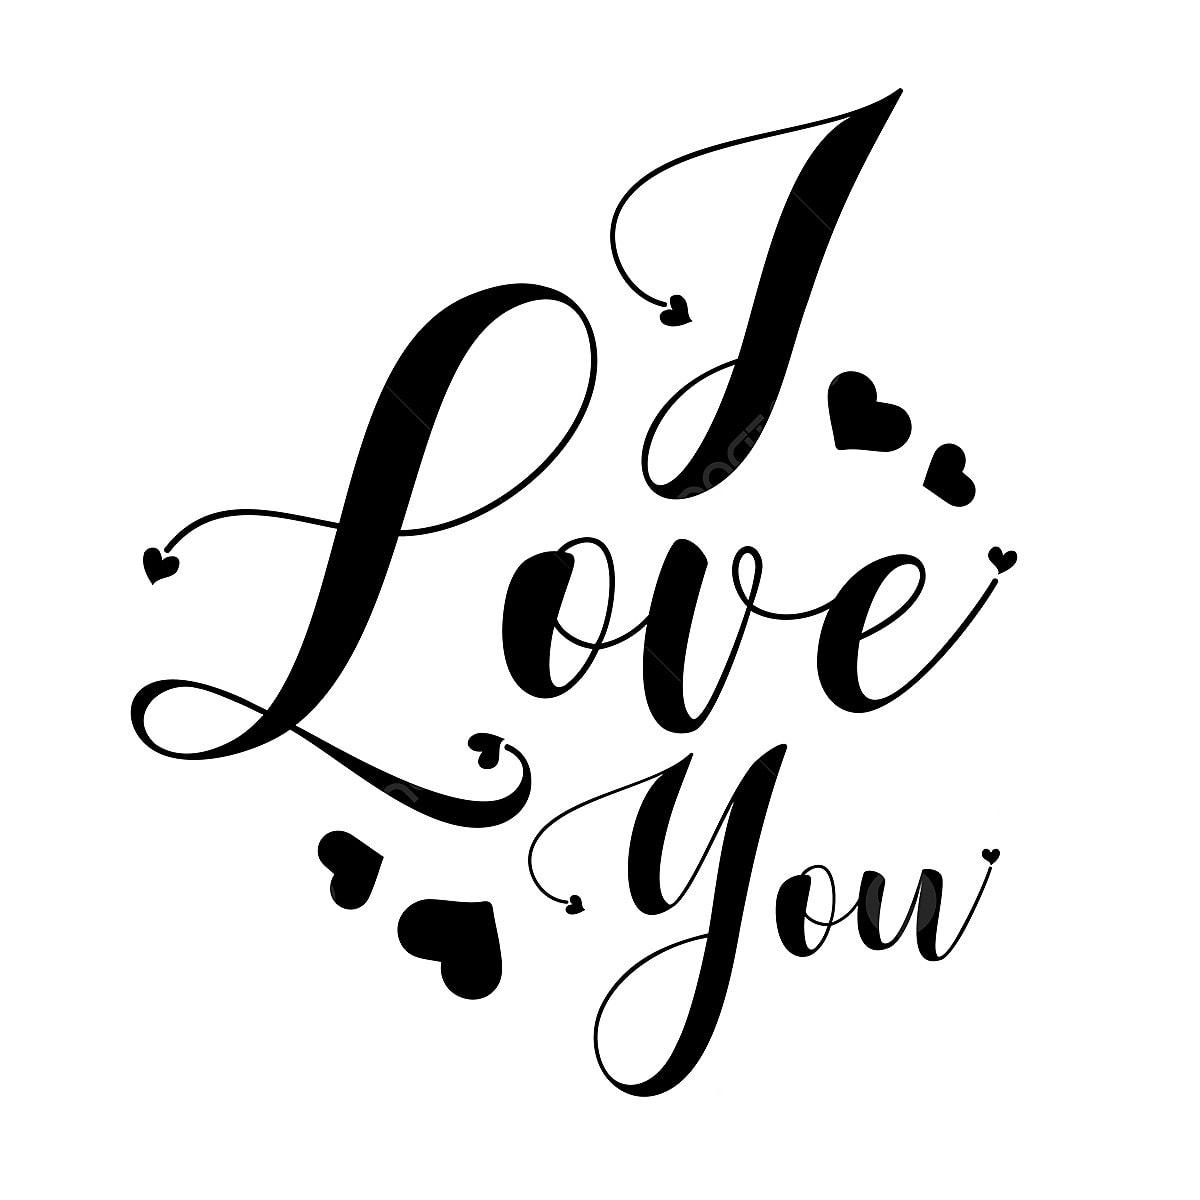 أبيض وأسود أحبك حروف عيد الحب سعيد الحب اليوم Png والمتجهات